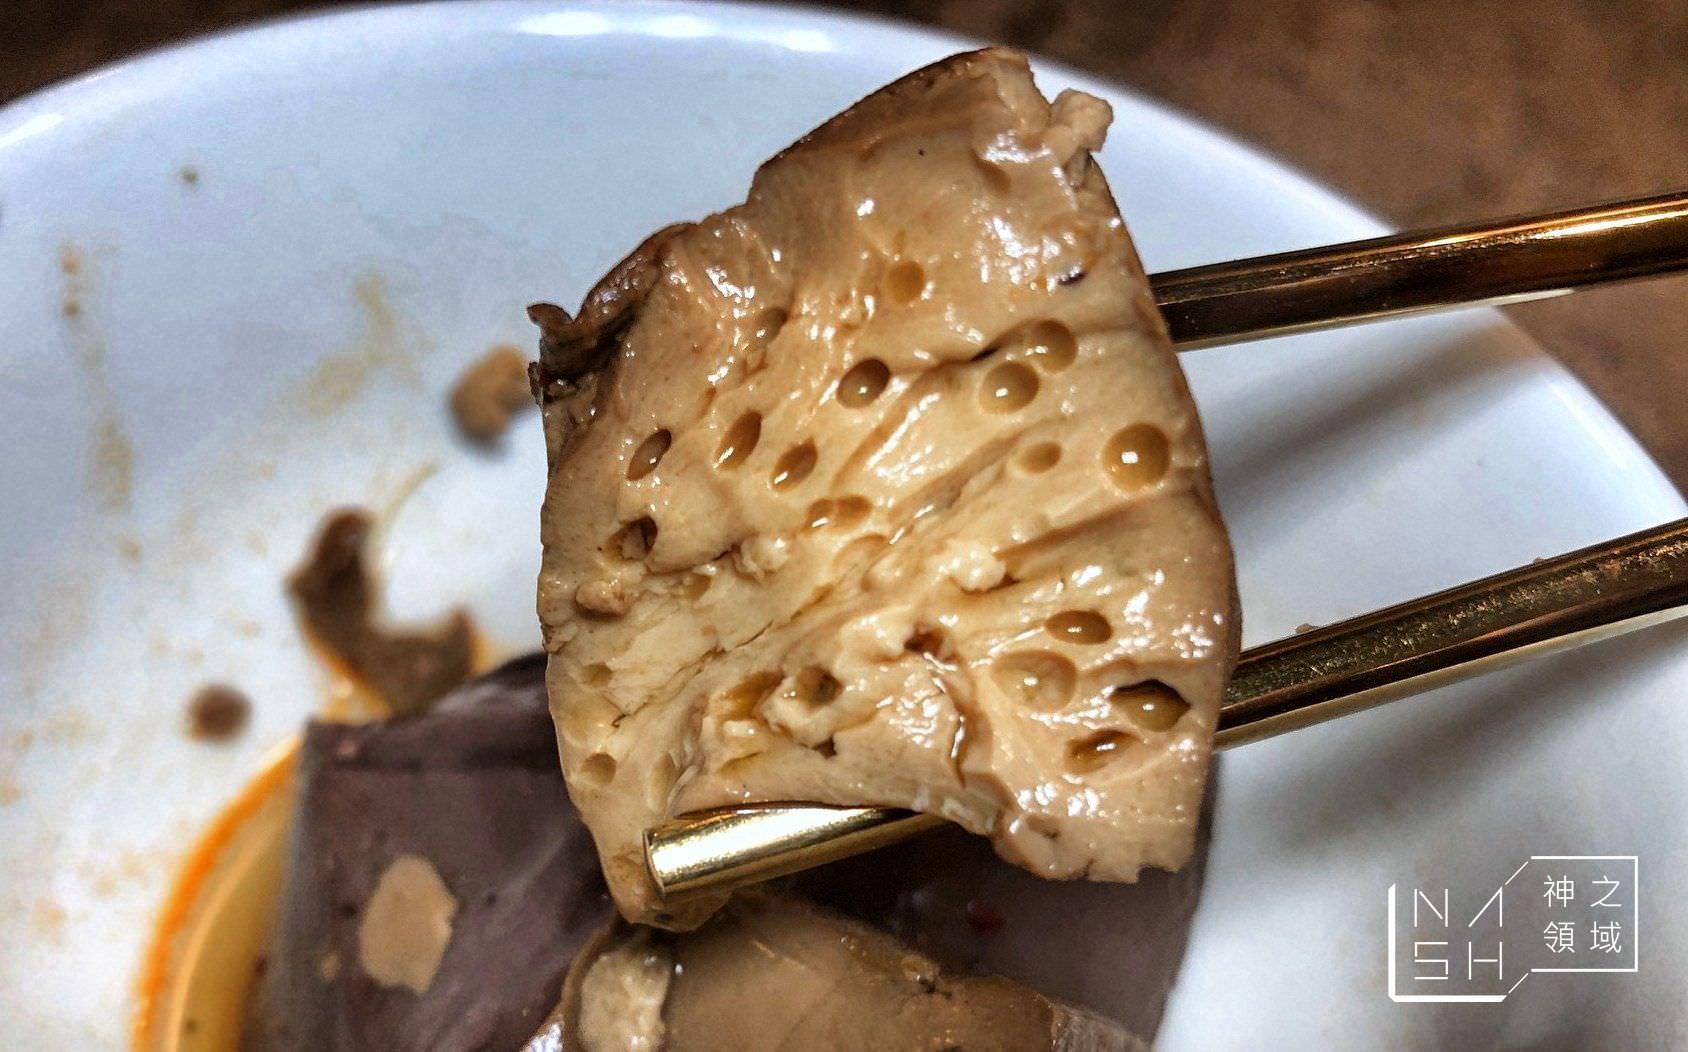 八條老宅麻辣鍋